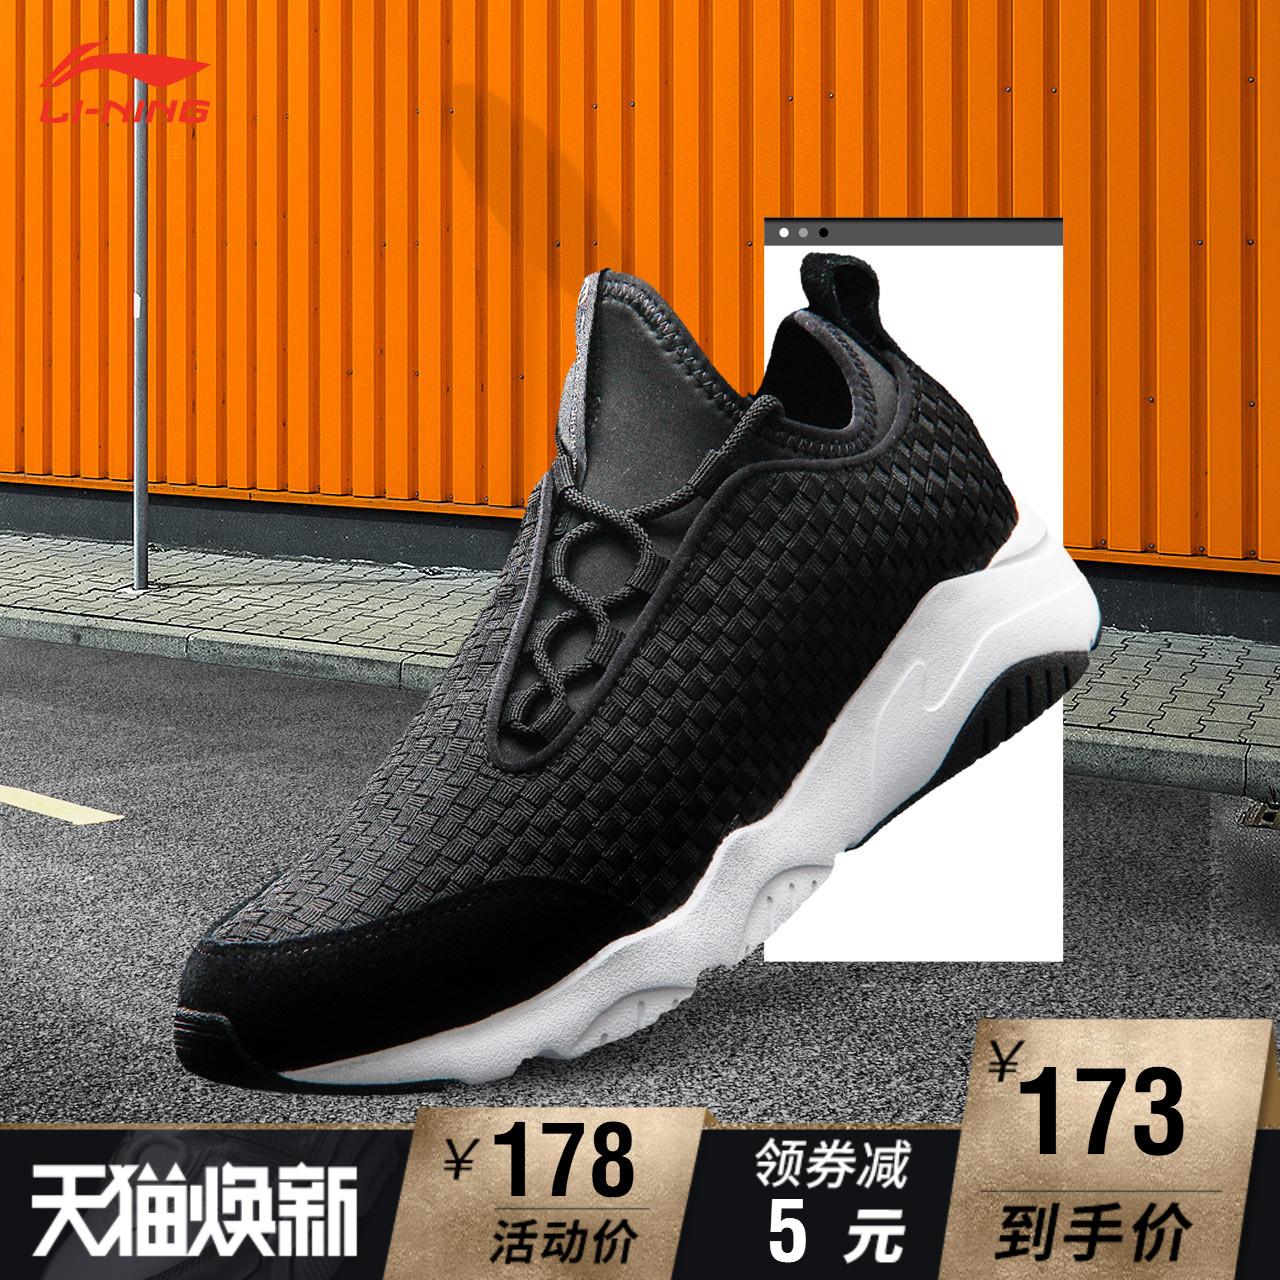 李宁休闲鞋女鞋2018新款MARS耐磨潮流时尚经典情侣鞋秋季运动鞋